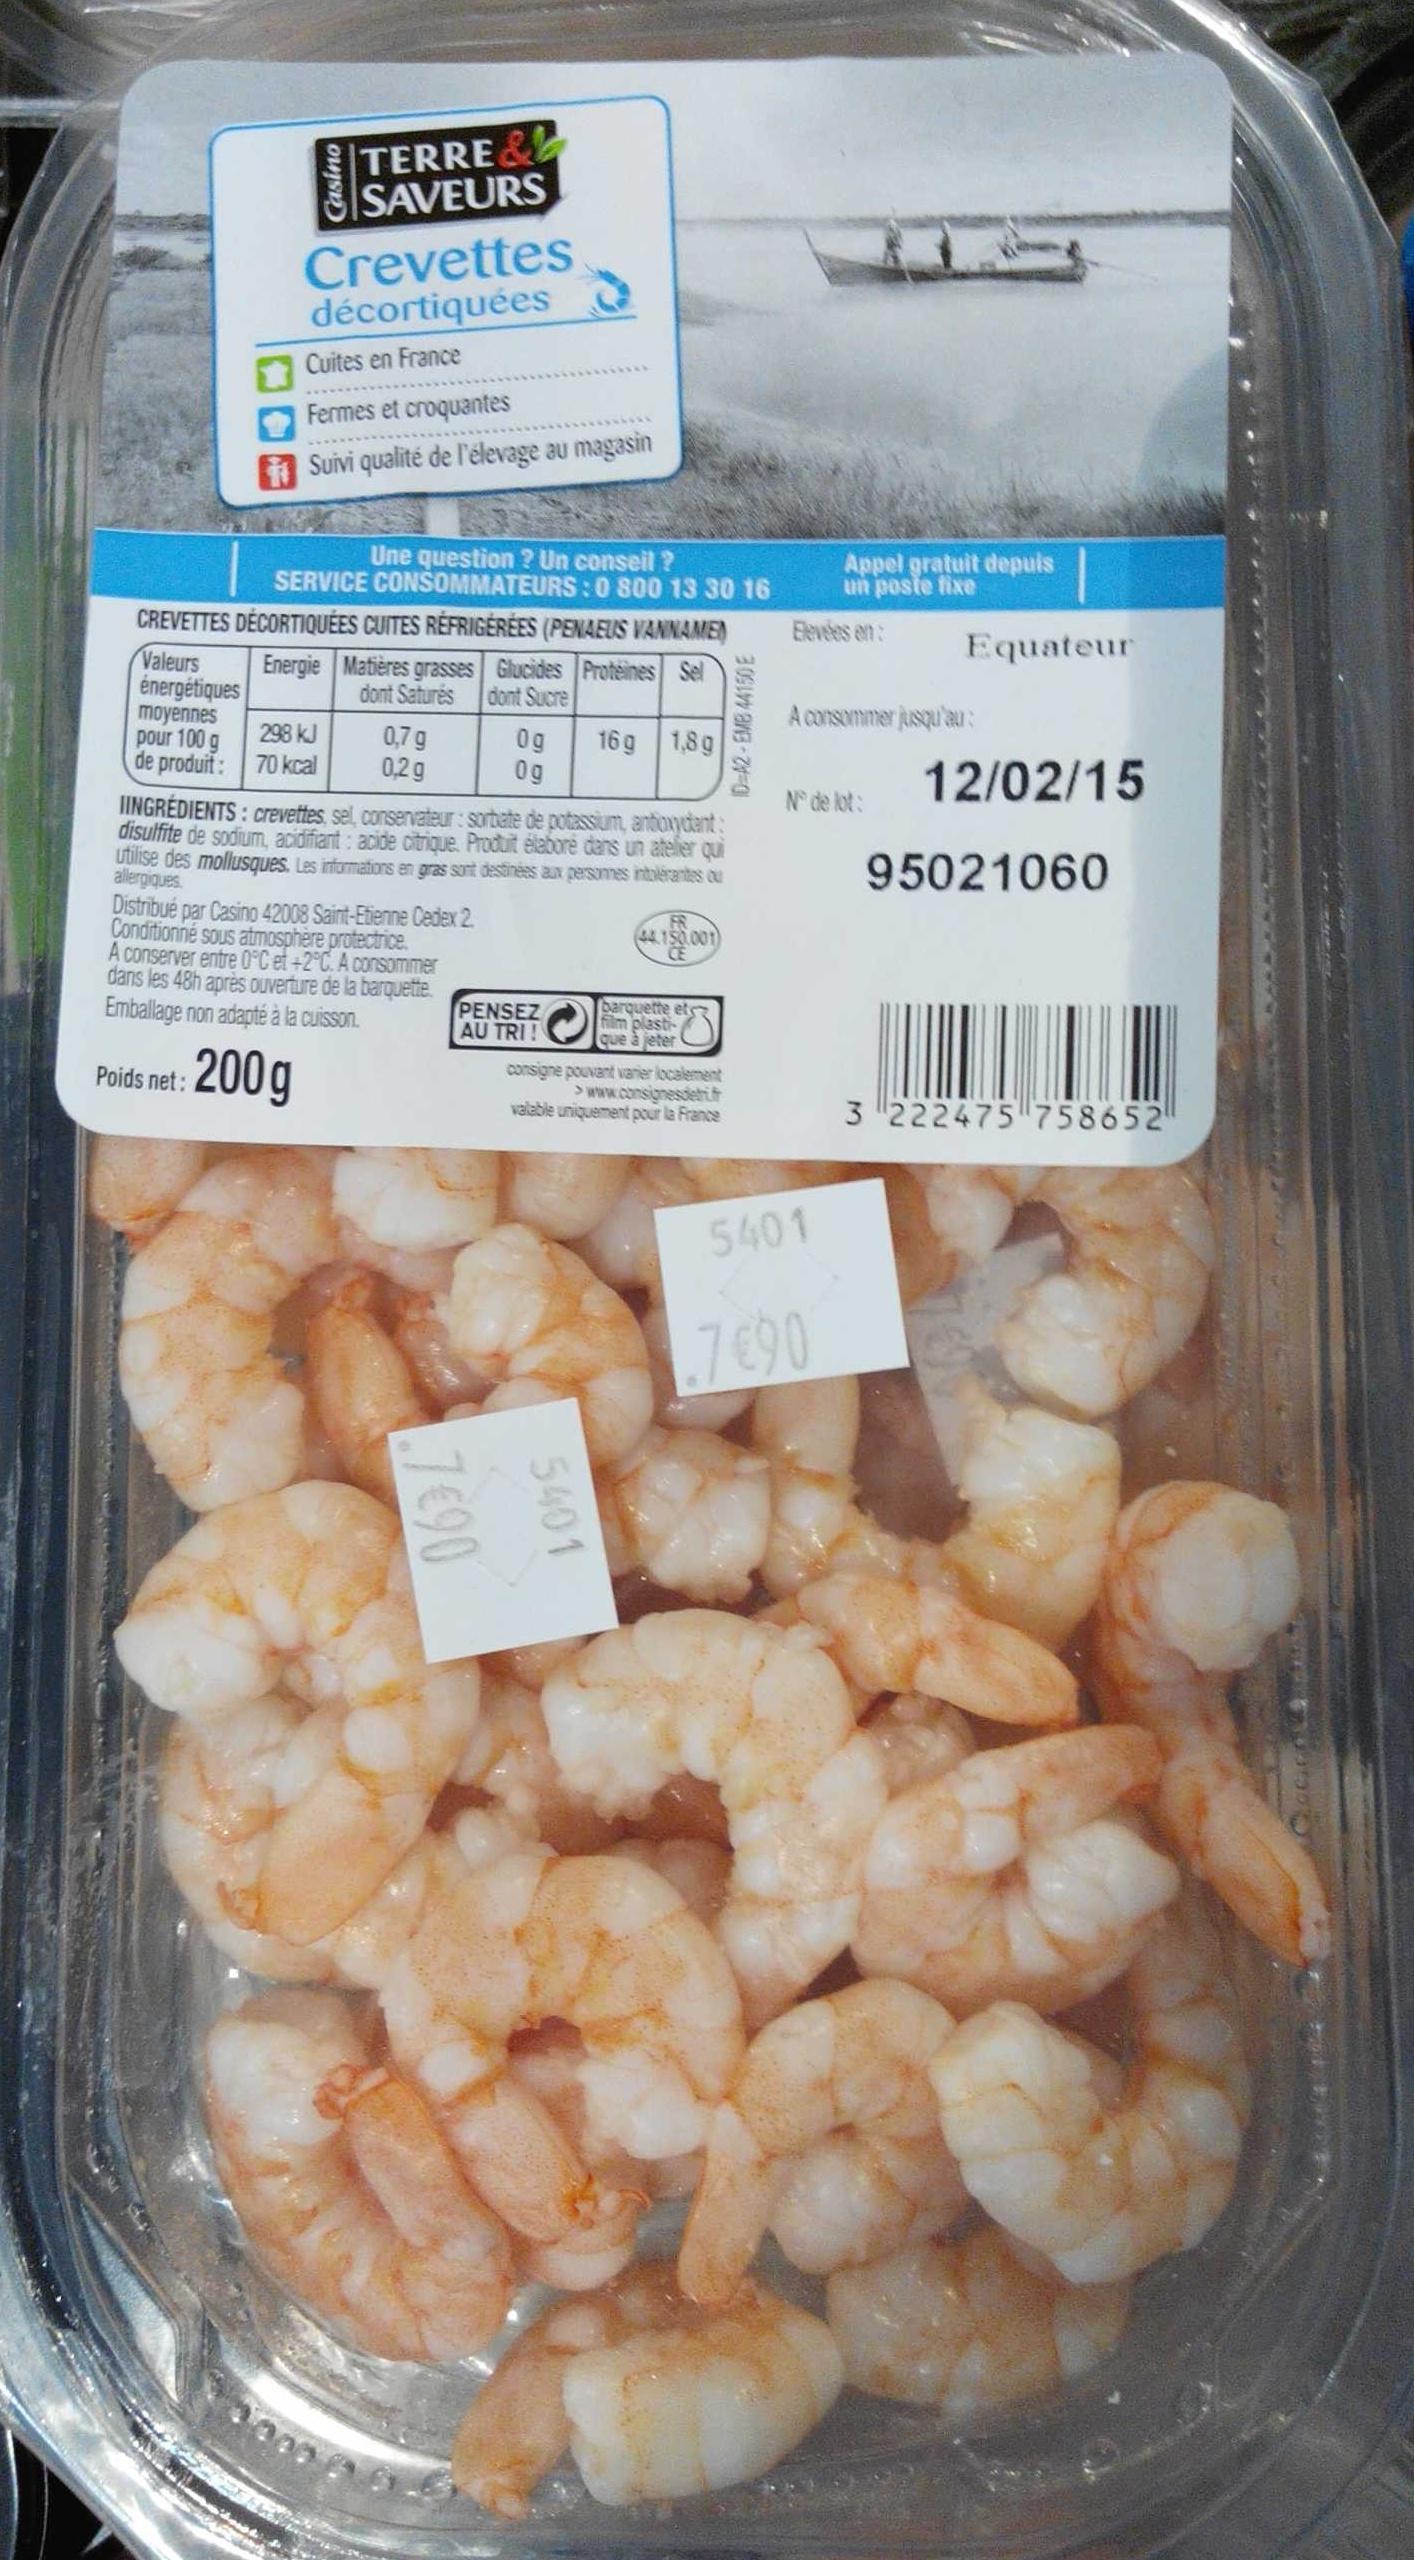 Crevettes décortiquées - Product - fr